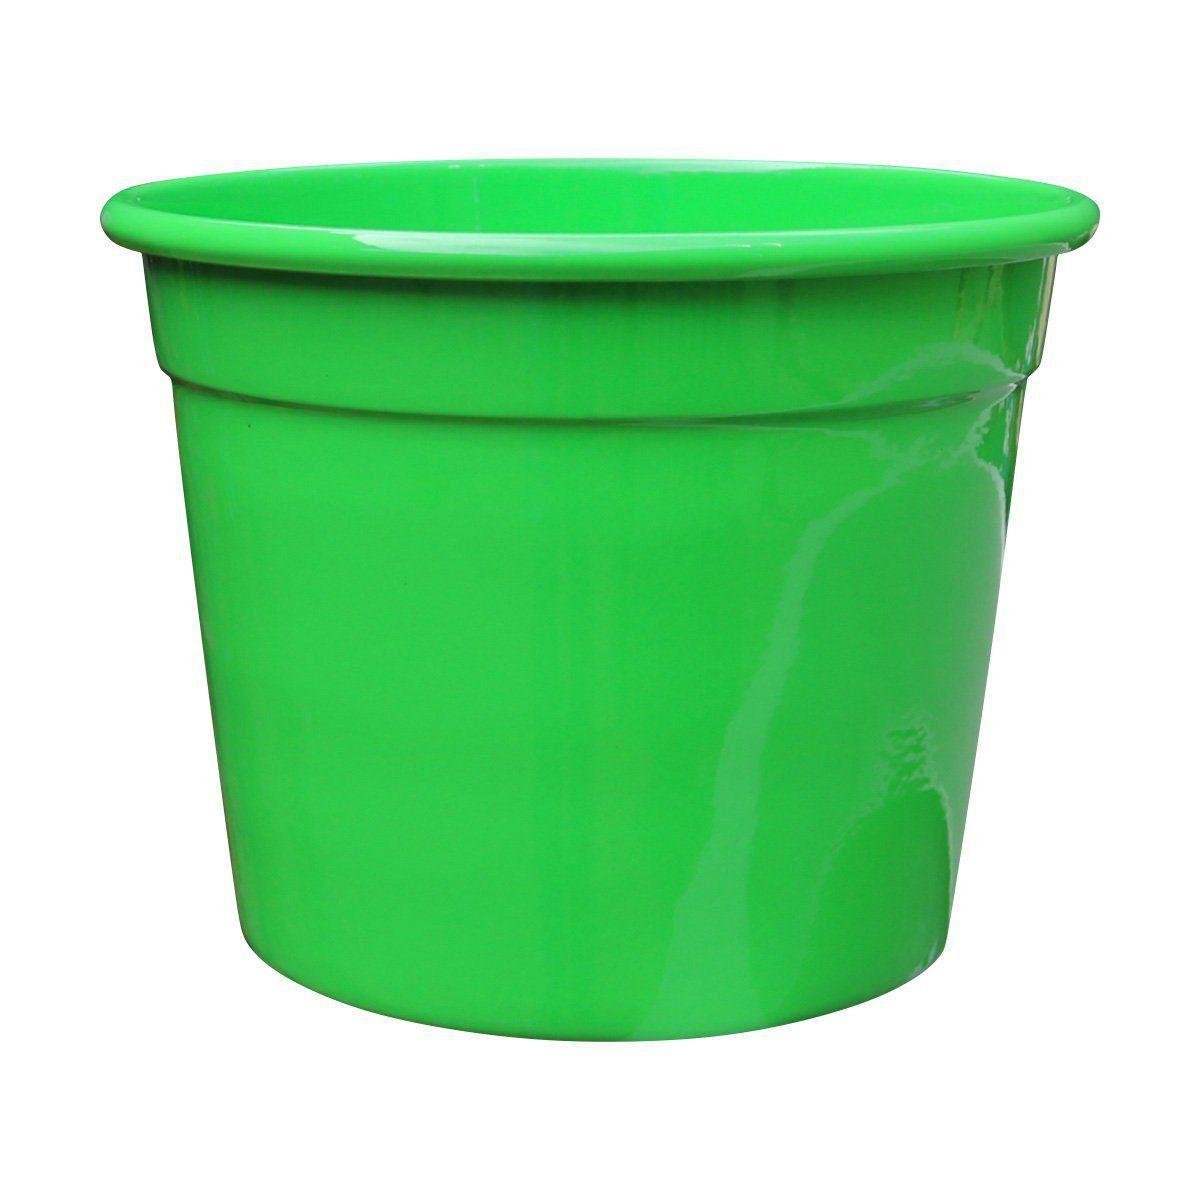 Cachepô de Alumínio Soleil N° 15 Verde 12cm x 15,5cm